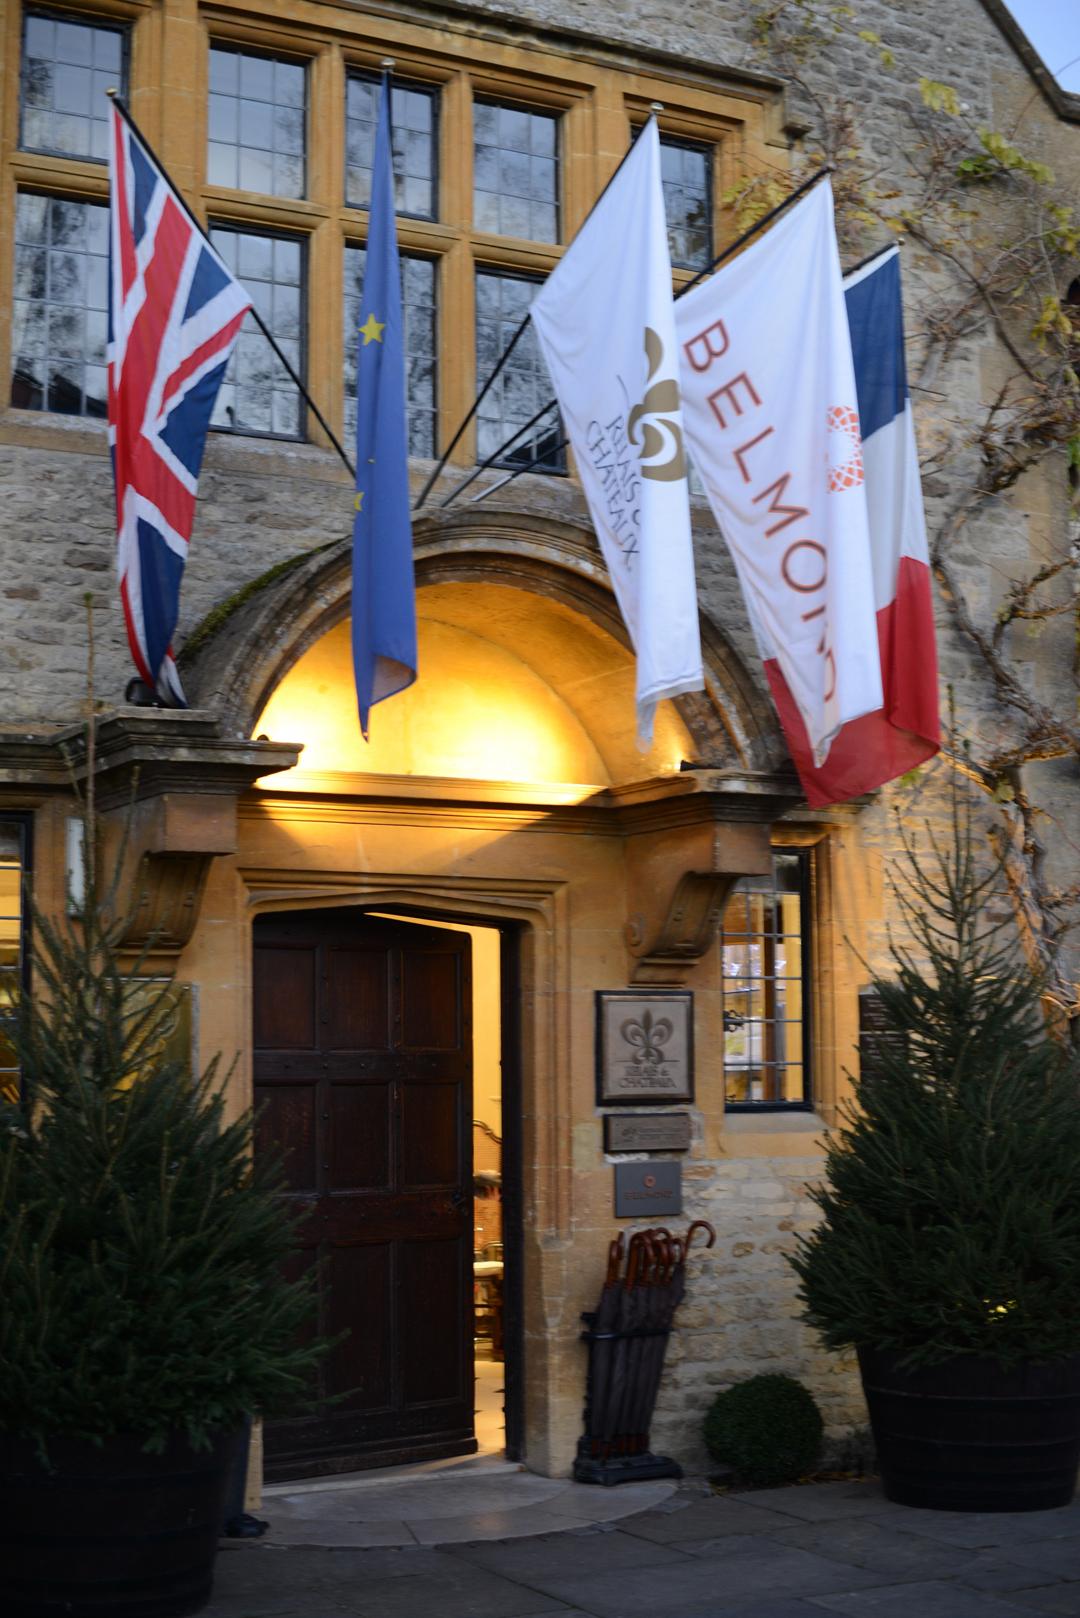 belmond le manoir aux quat'saison hotel photographed by fashion stylist and blogger sara delaney